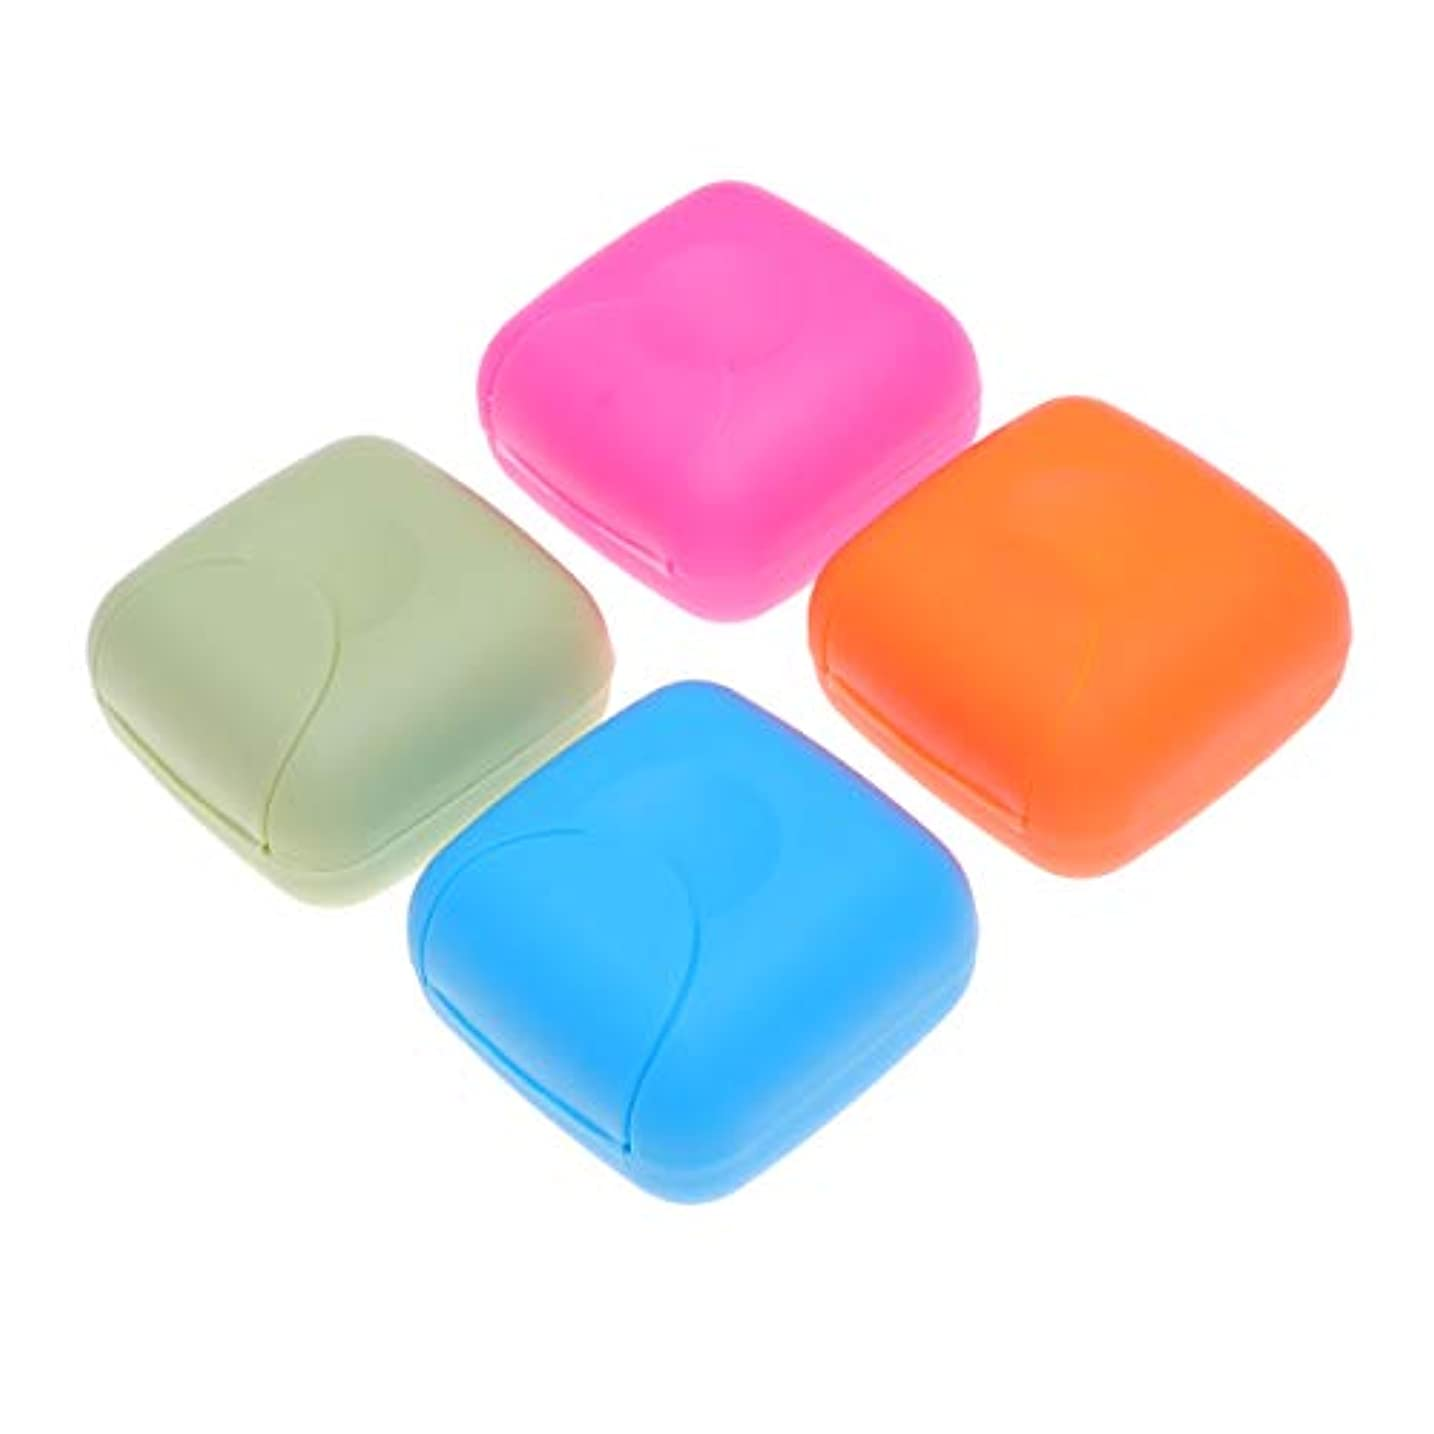 どこにも腰繰り返しHealifty ソープボックスポータブルソープディッシュソープケース4本(ブルー、ロージー、オレンジ、ピンク)